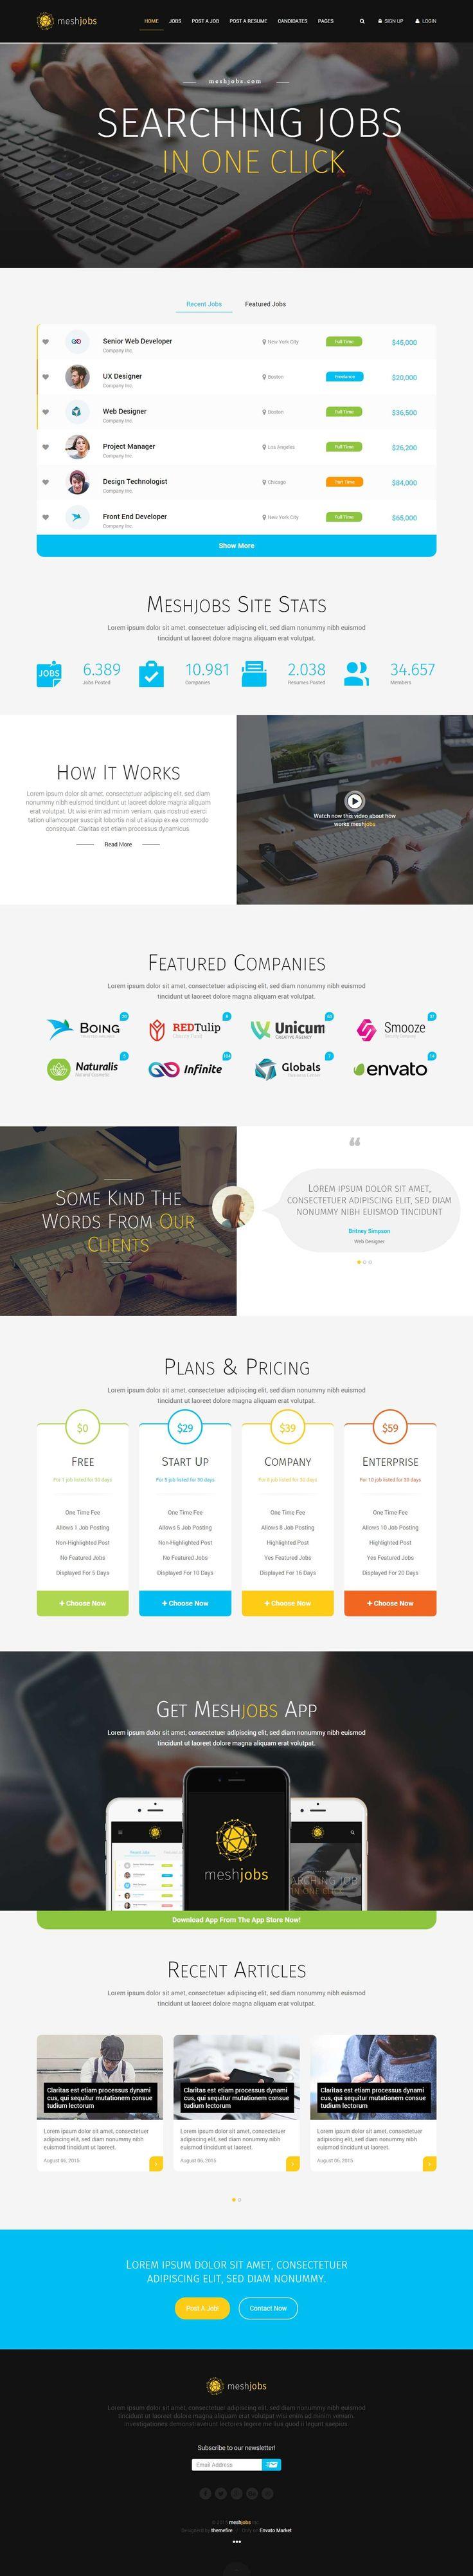 best 25 job portal ideas on pinterest job portal sites promotion work and find a job. Black Bedroom Furniture Sets. Home Design Ideas